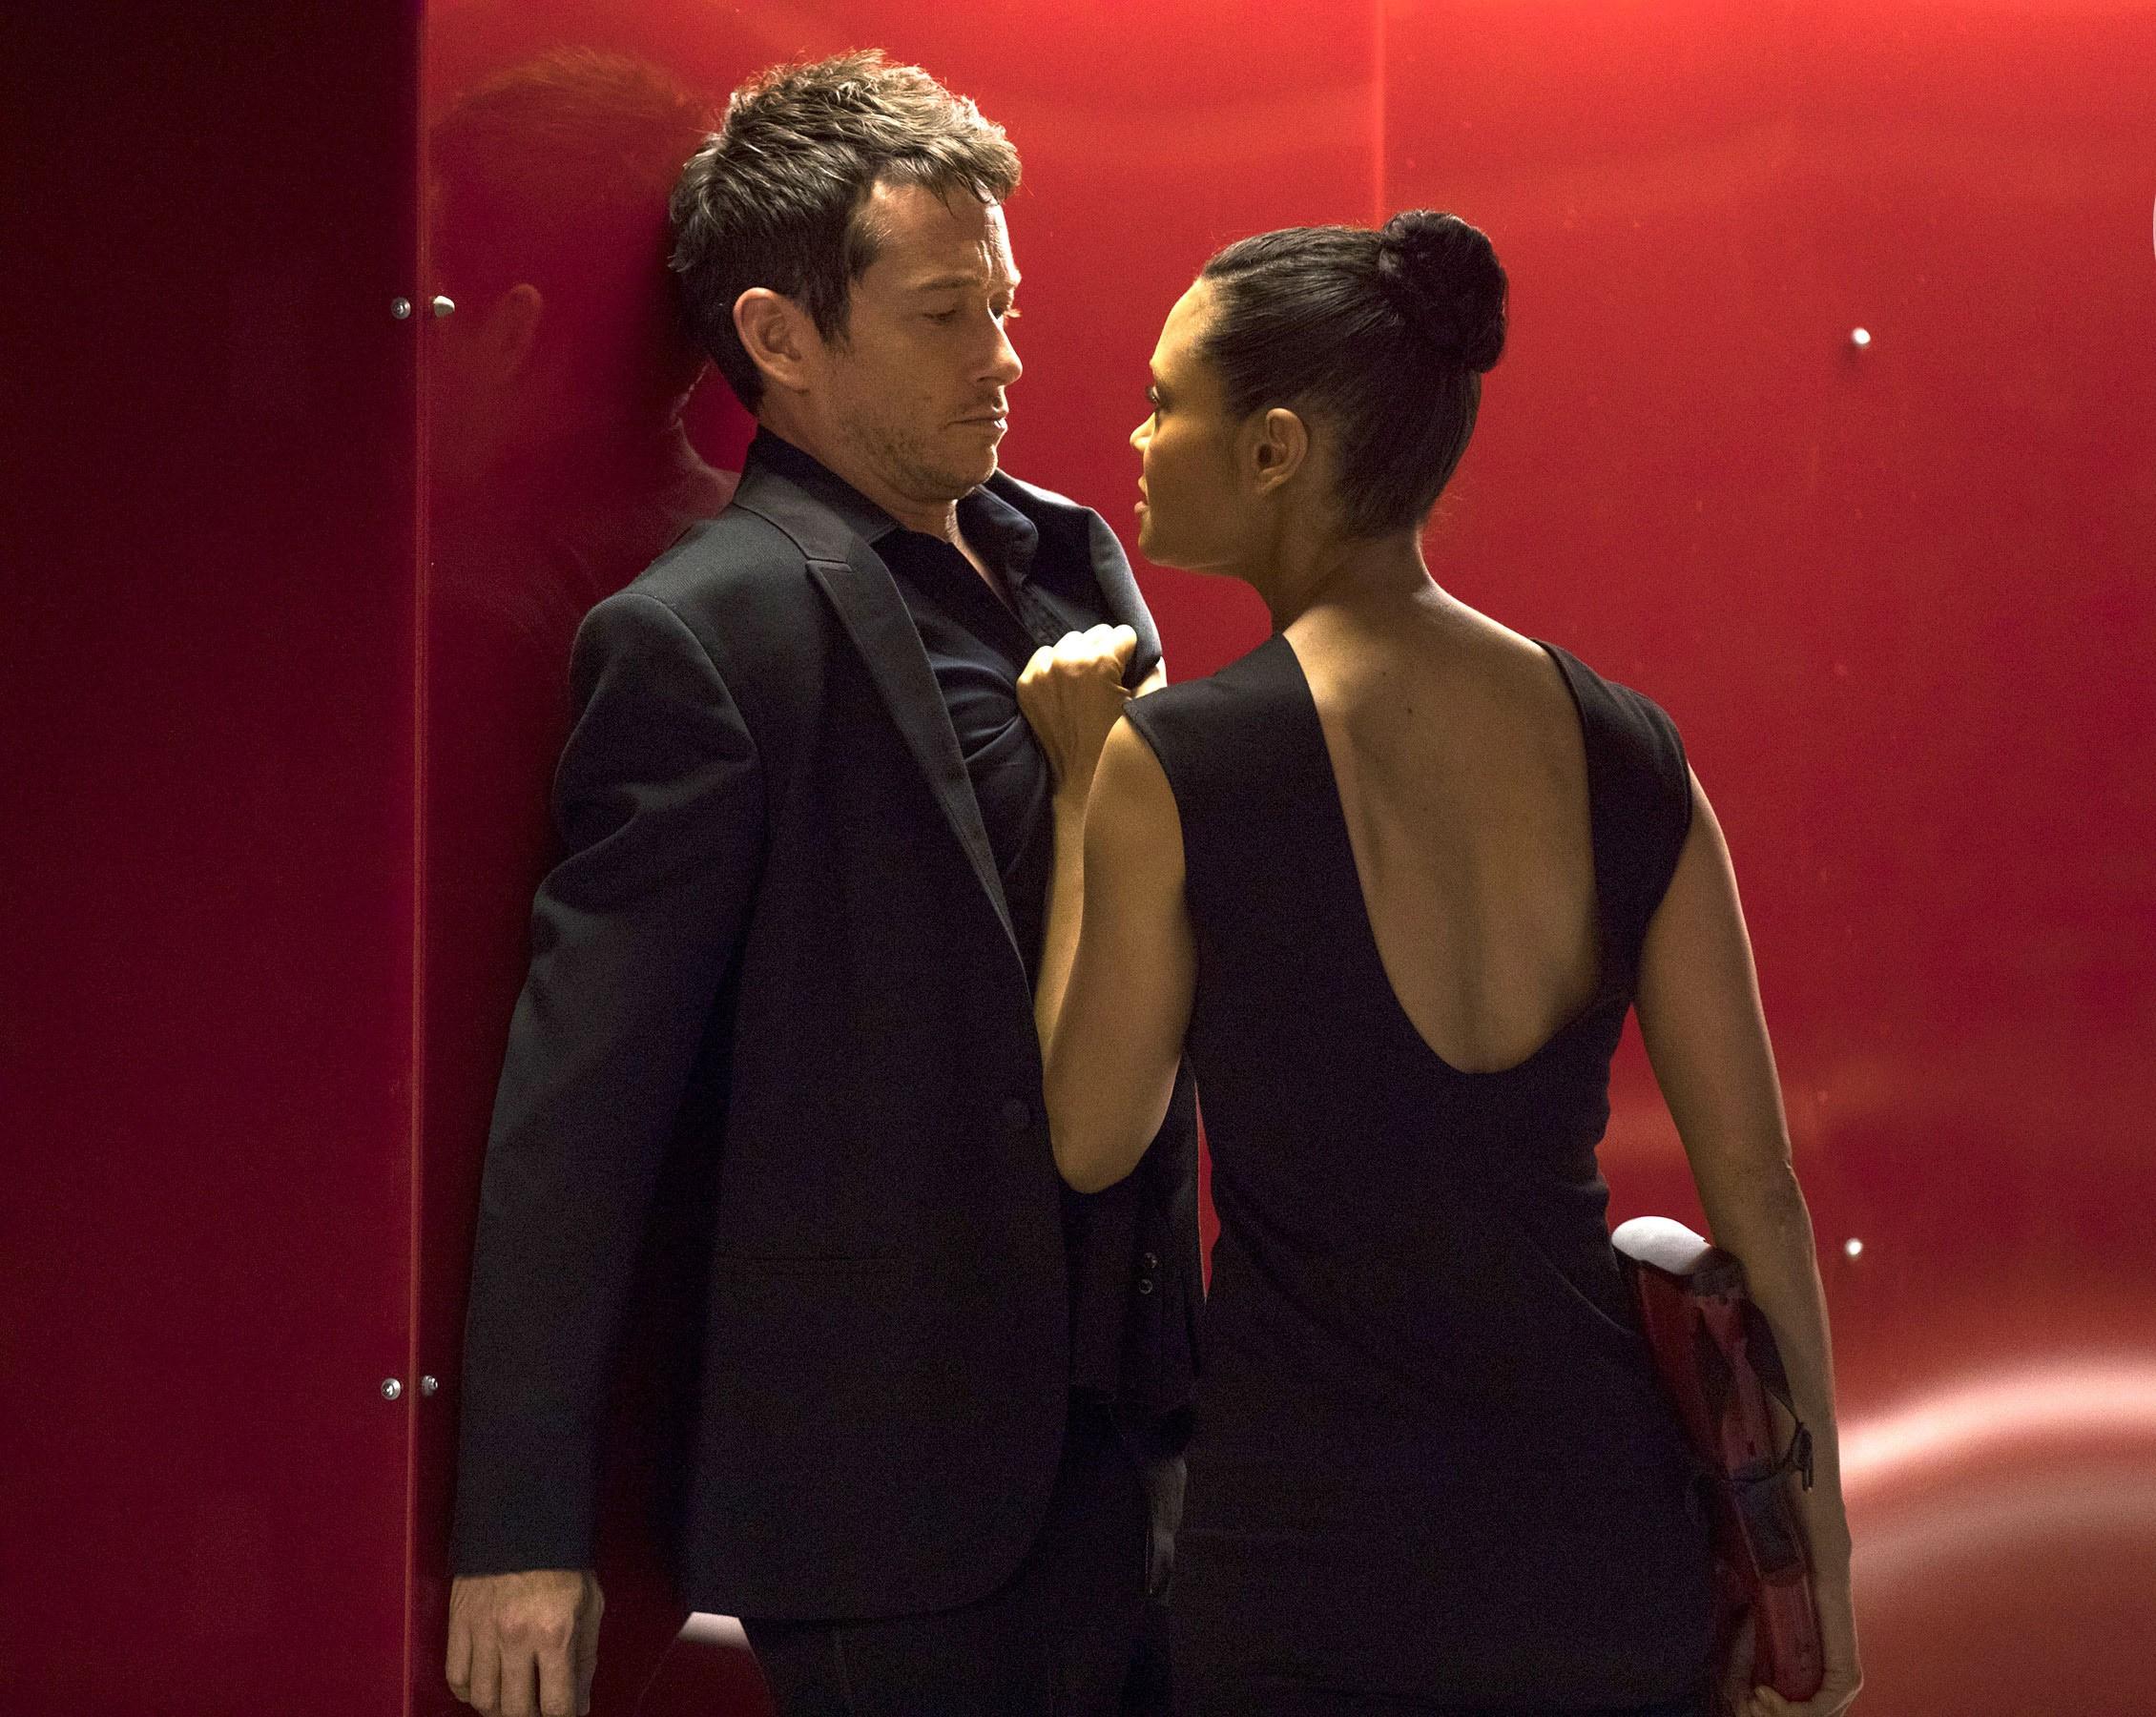 Simon Quarterman como Lee Sizemore, e Thandie Newton como Maeve Millay em Westworld (Foto: Divulgação)